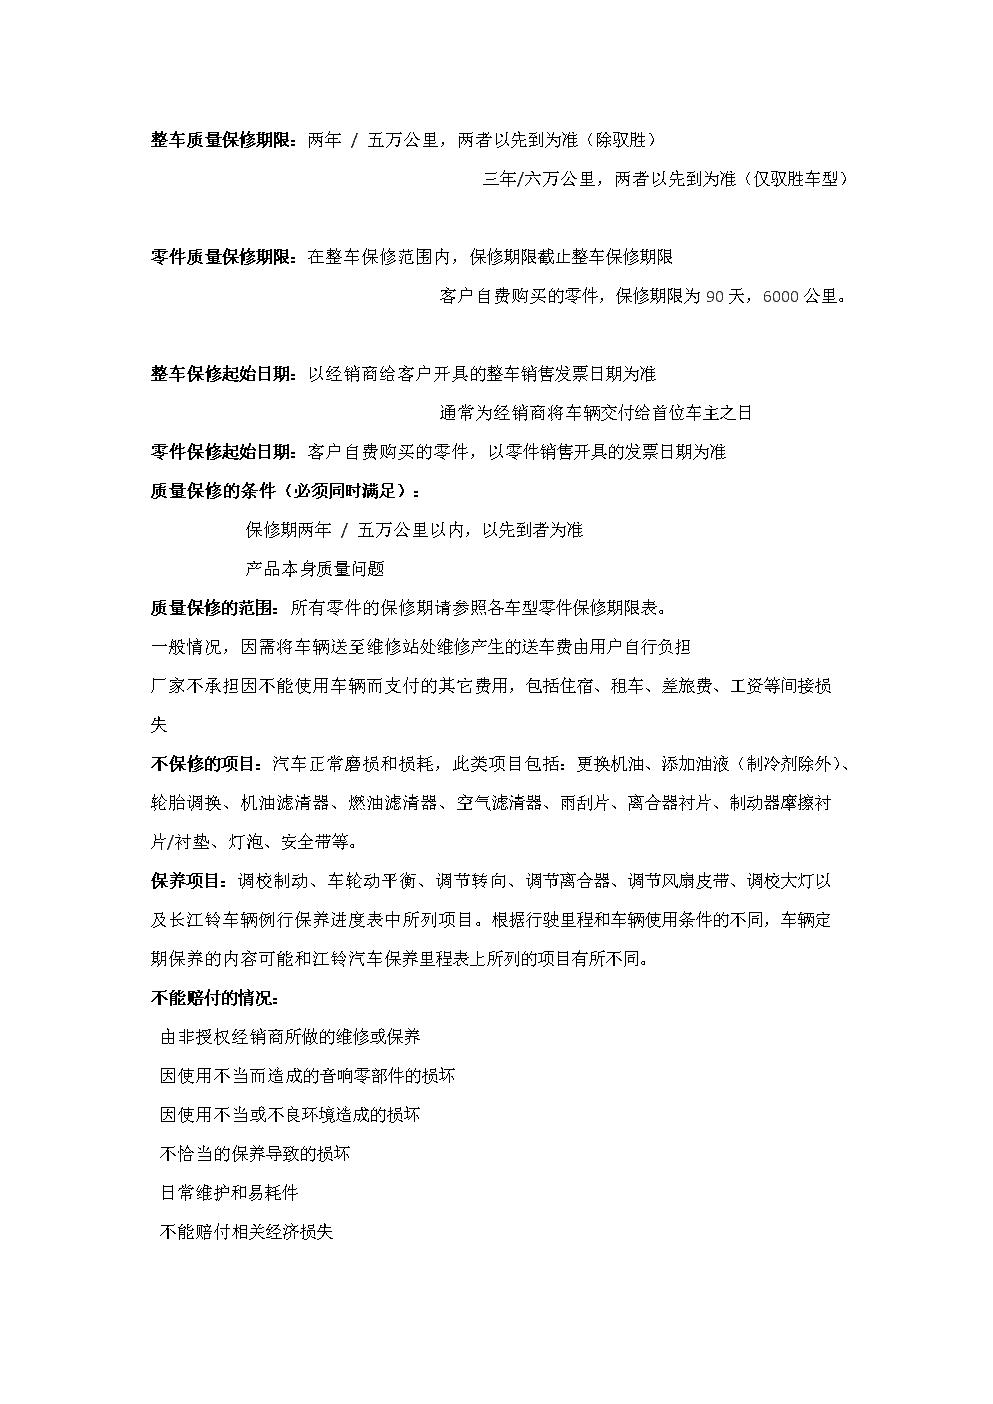 江铃保修政策.docx